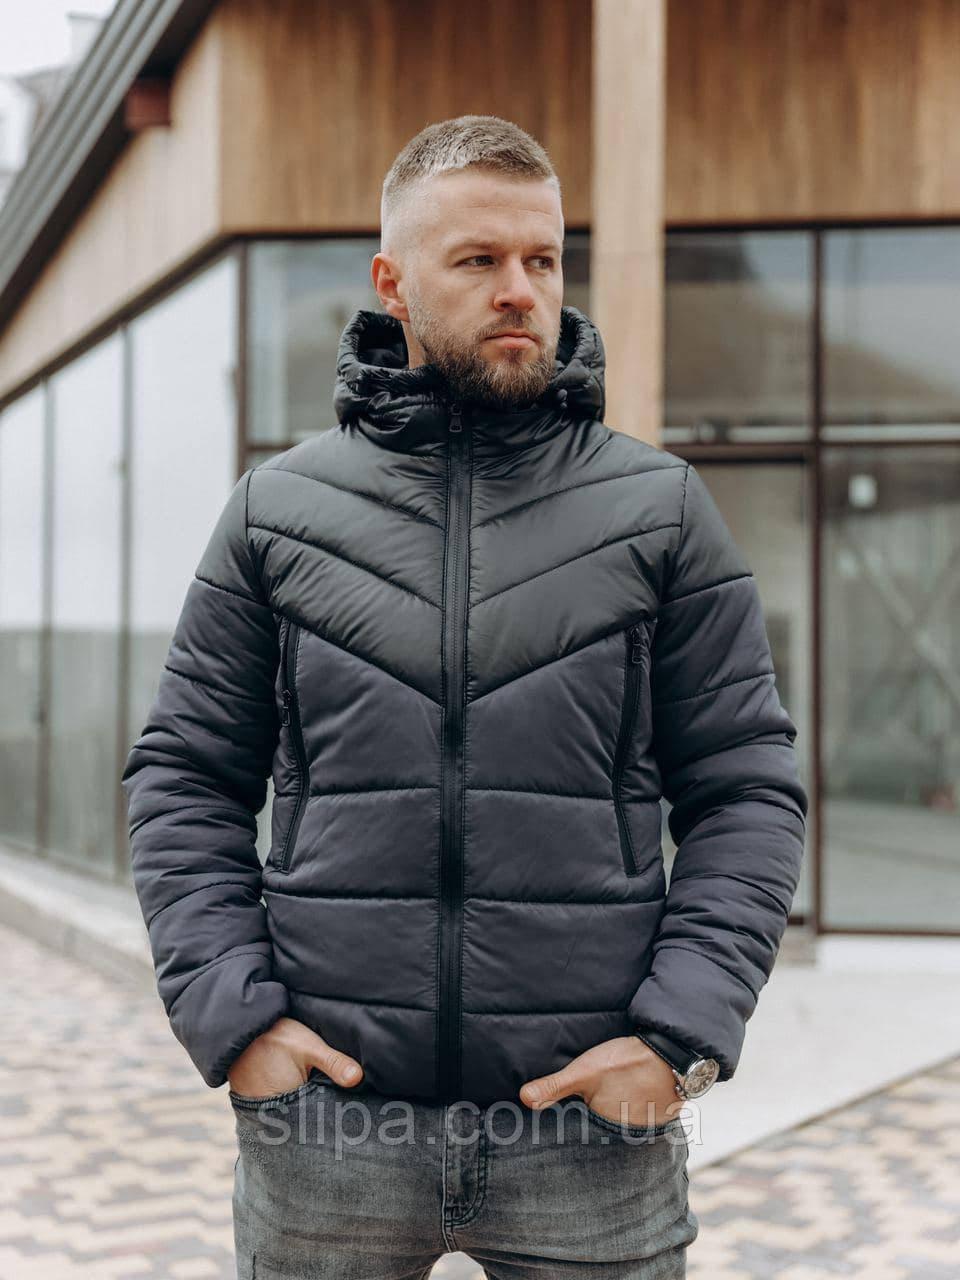 Чоловіча куртка з капюшоном темно синя з чорною вставкою (Холлофайбер, до -10С)